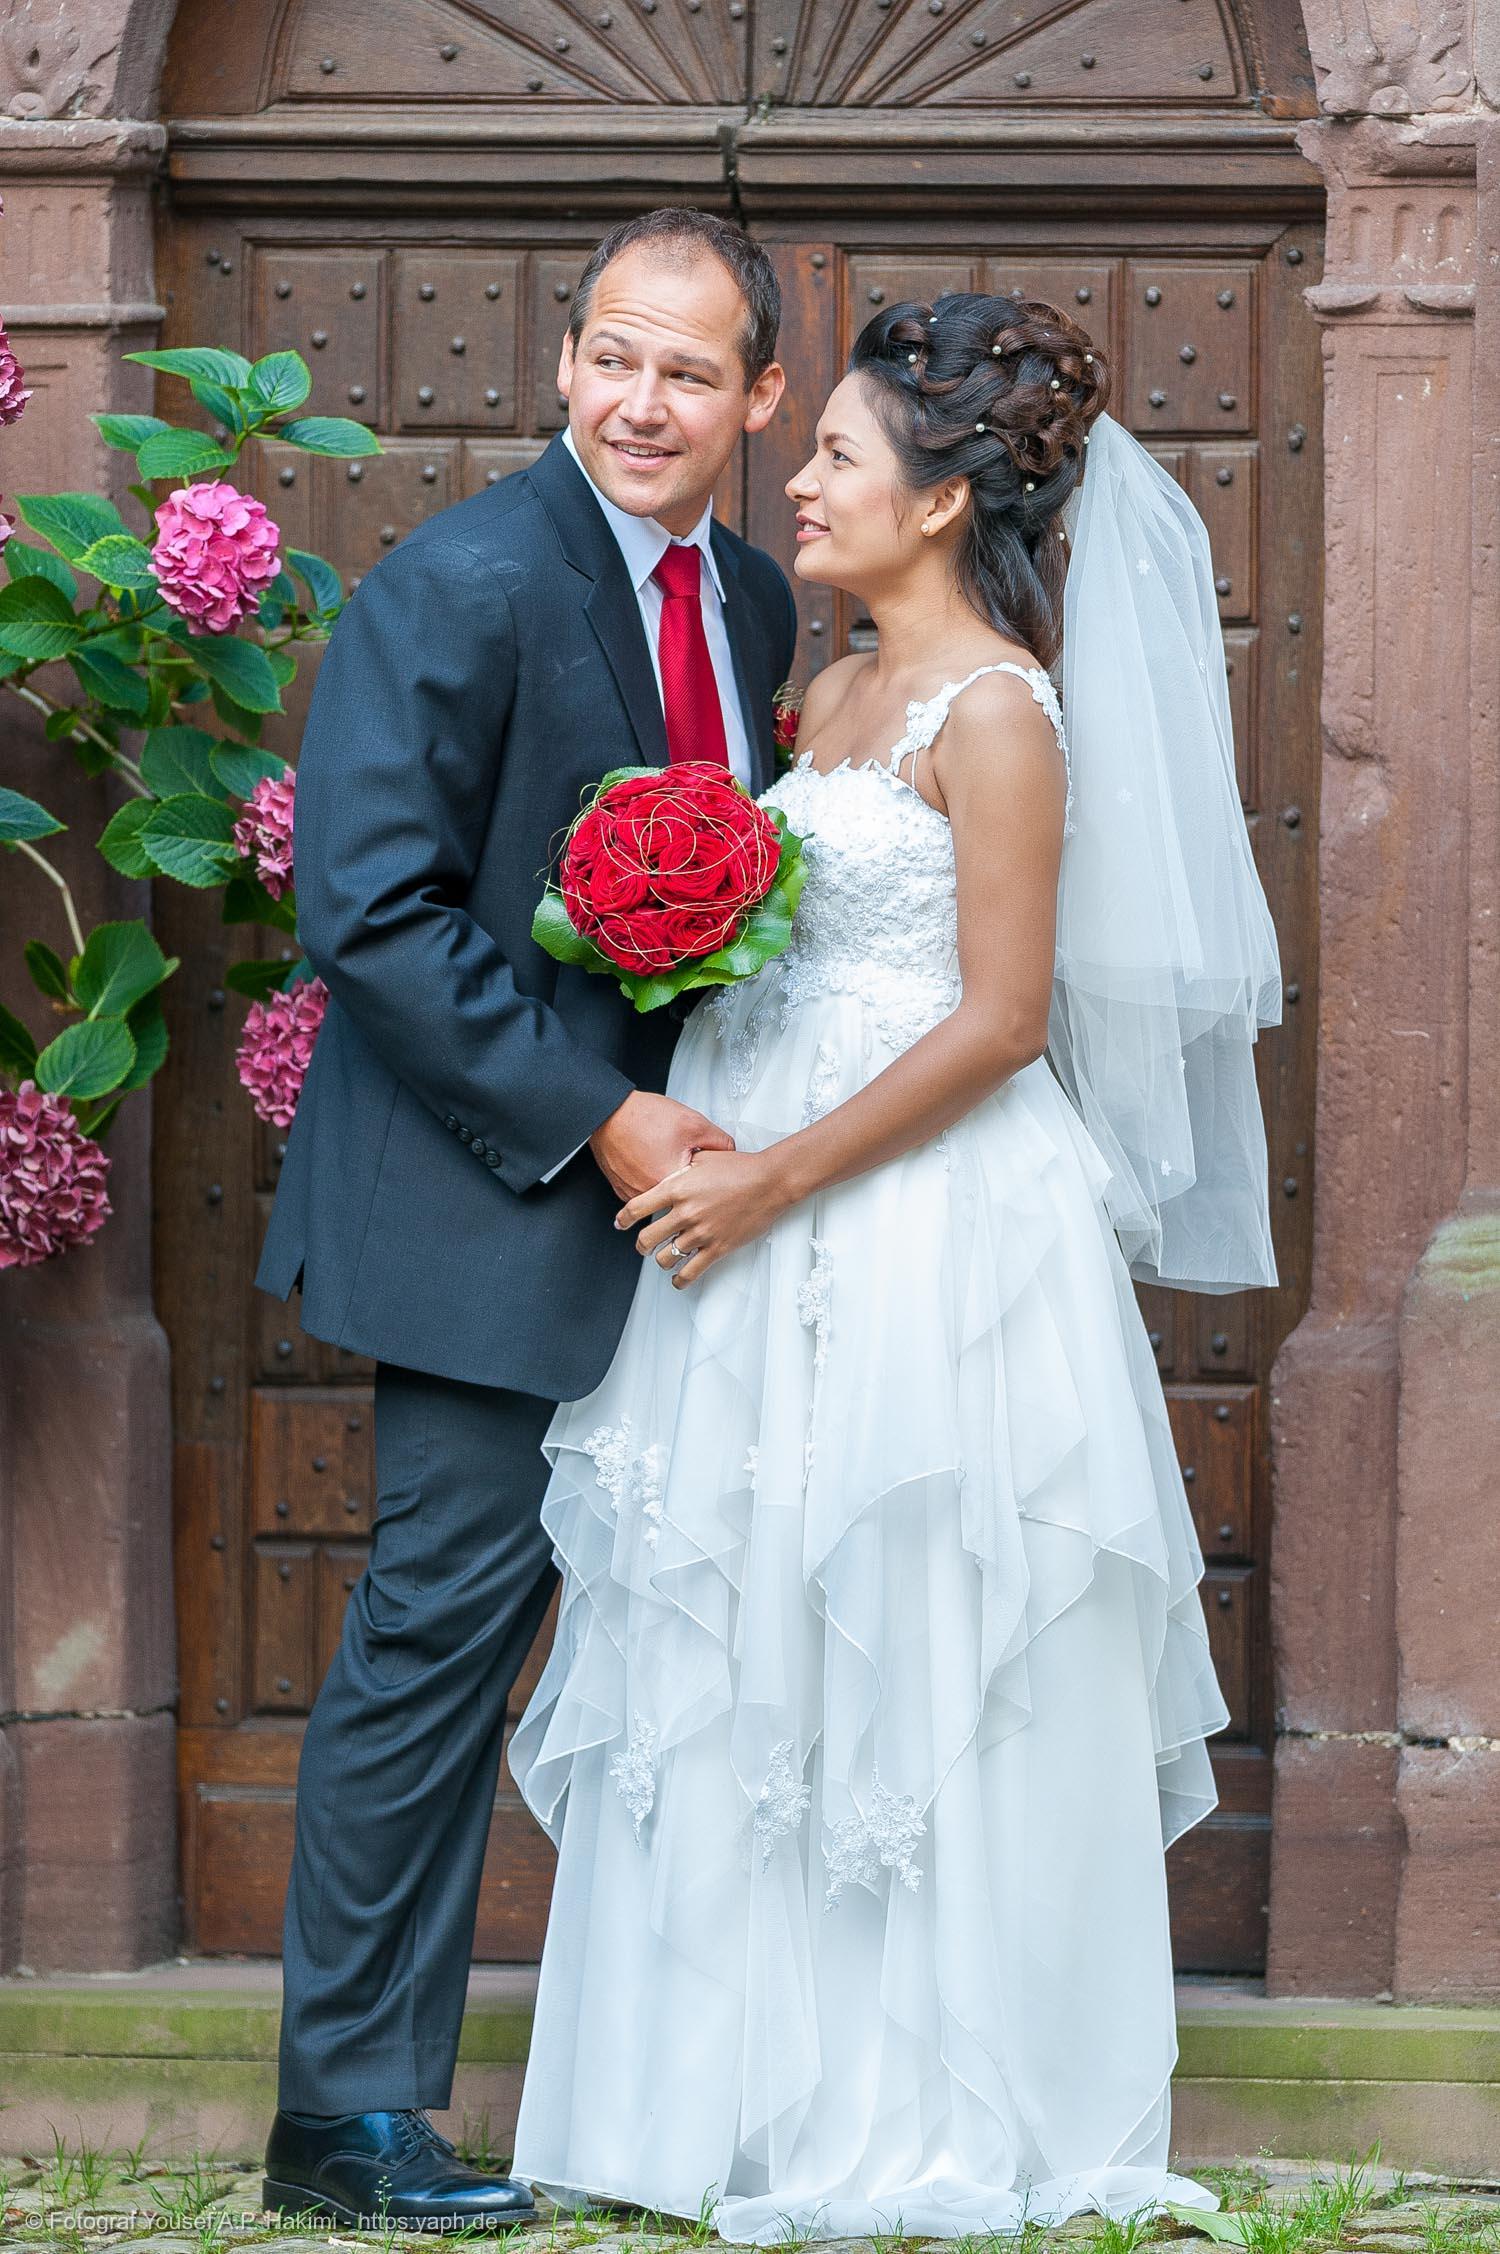 Bei der Hochzeitsreportage entstehen Fotos die Spass machen